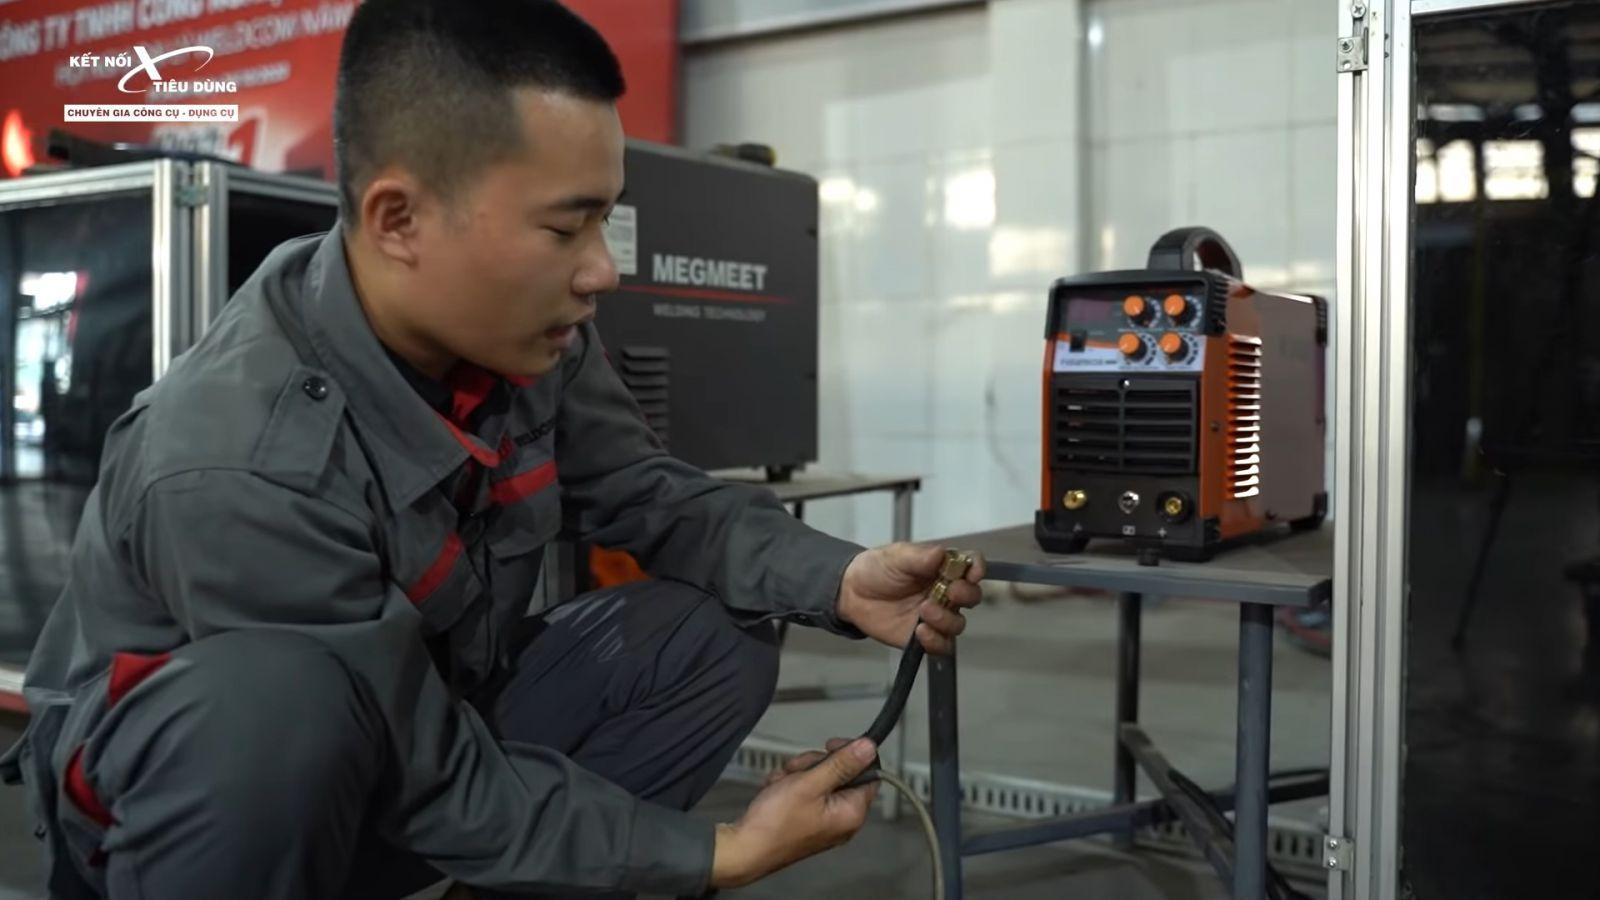 Review máy hàn Jasic TIG250S W228: nhỏ gọn, cao cấp, hàn Tig lạnh còn đẹp hơn hàn Tig thường - cách lắp đặt và sử dụng máy hàn